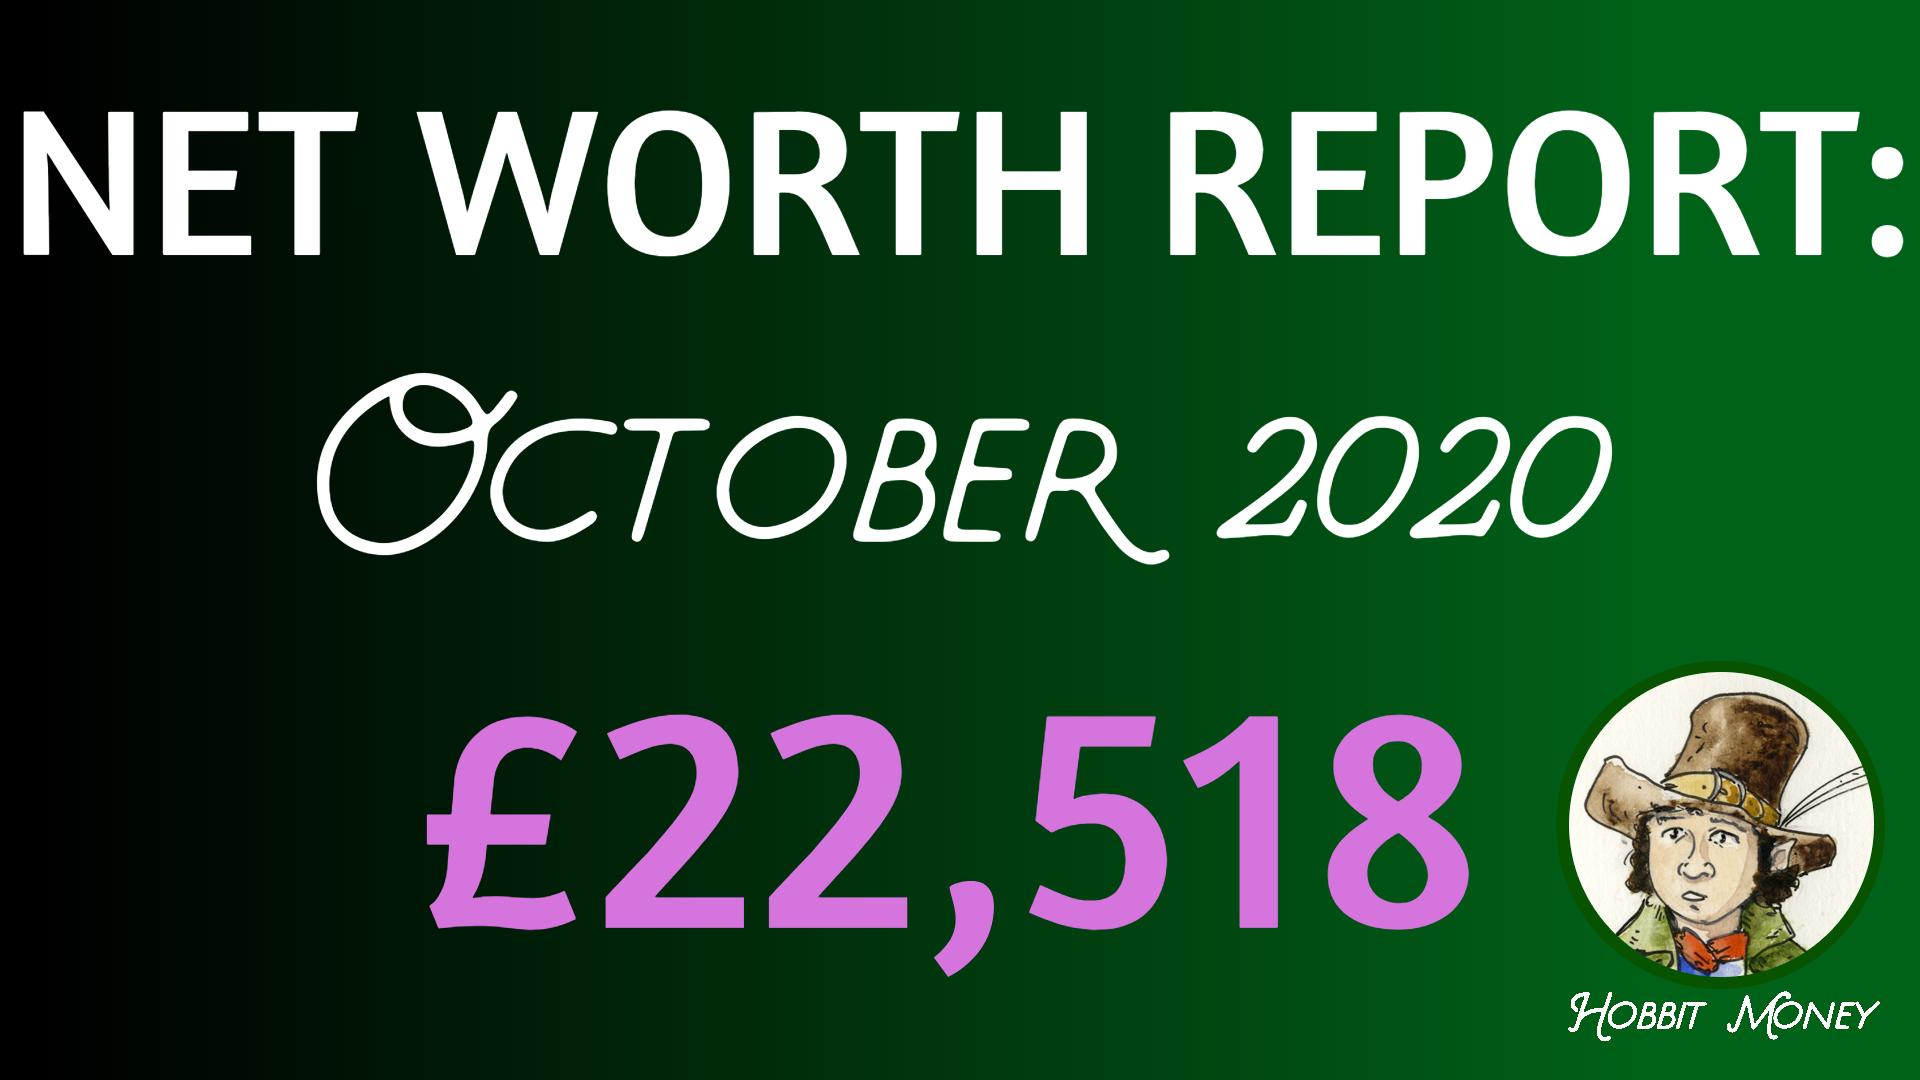 NET Worth Report October 2020 - £22,518